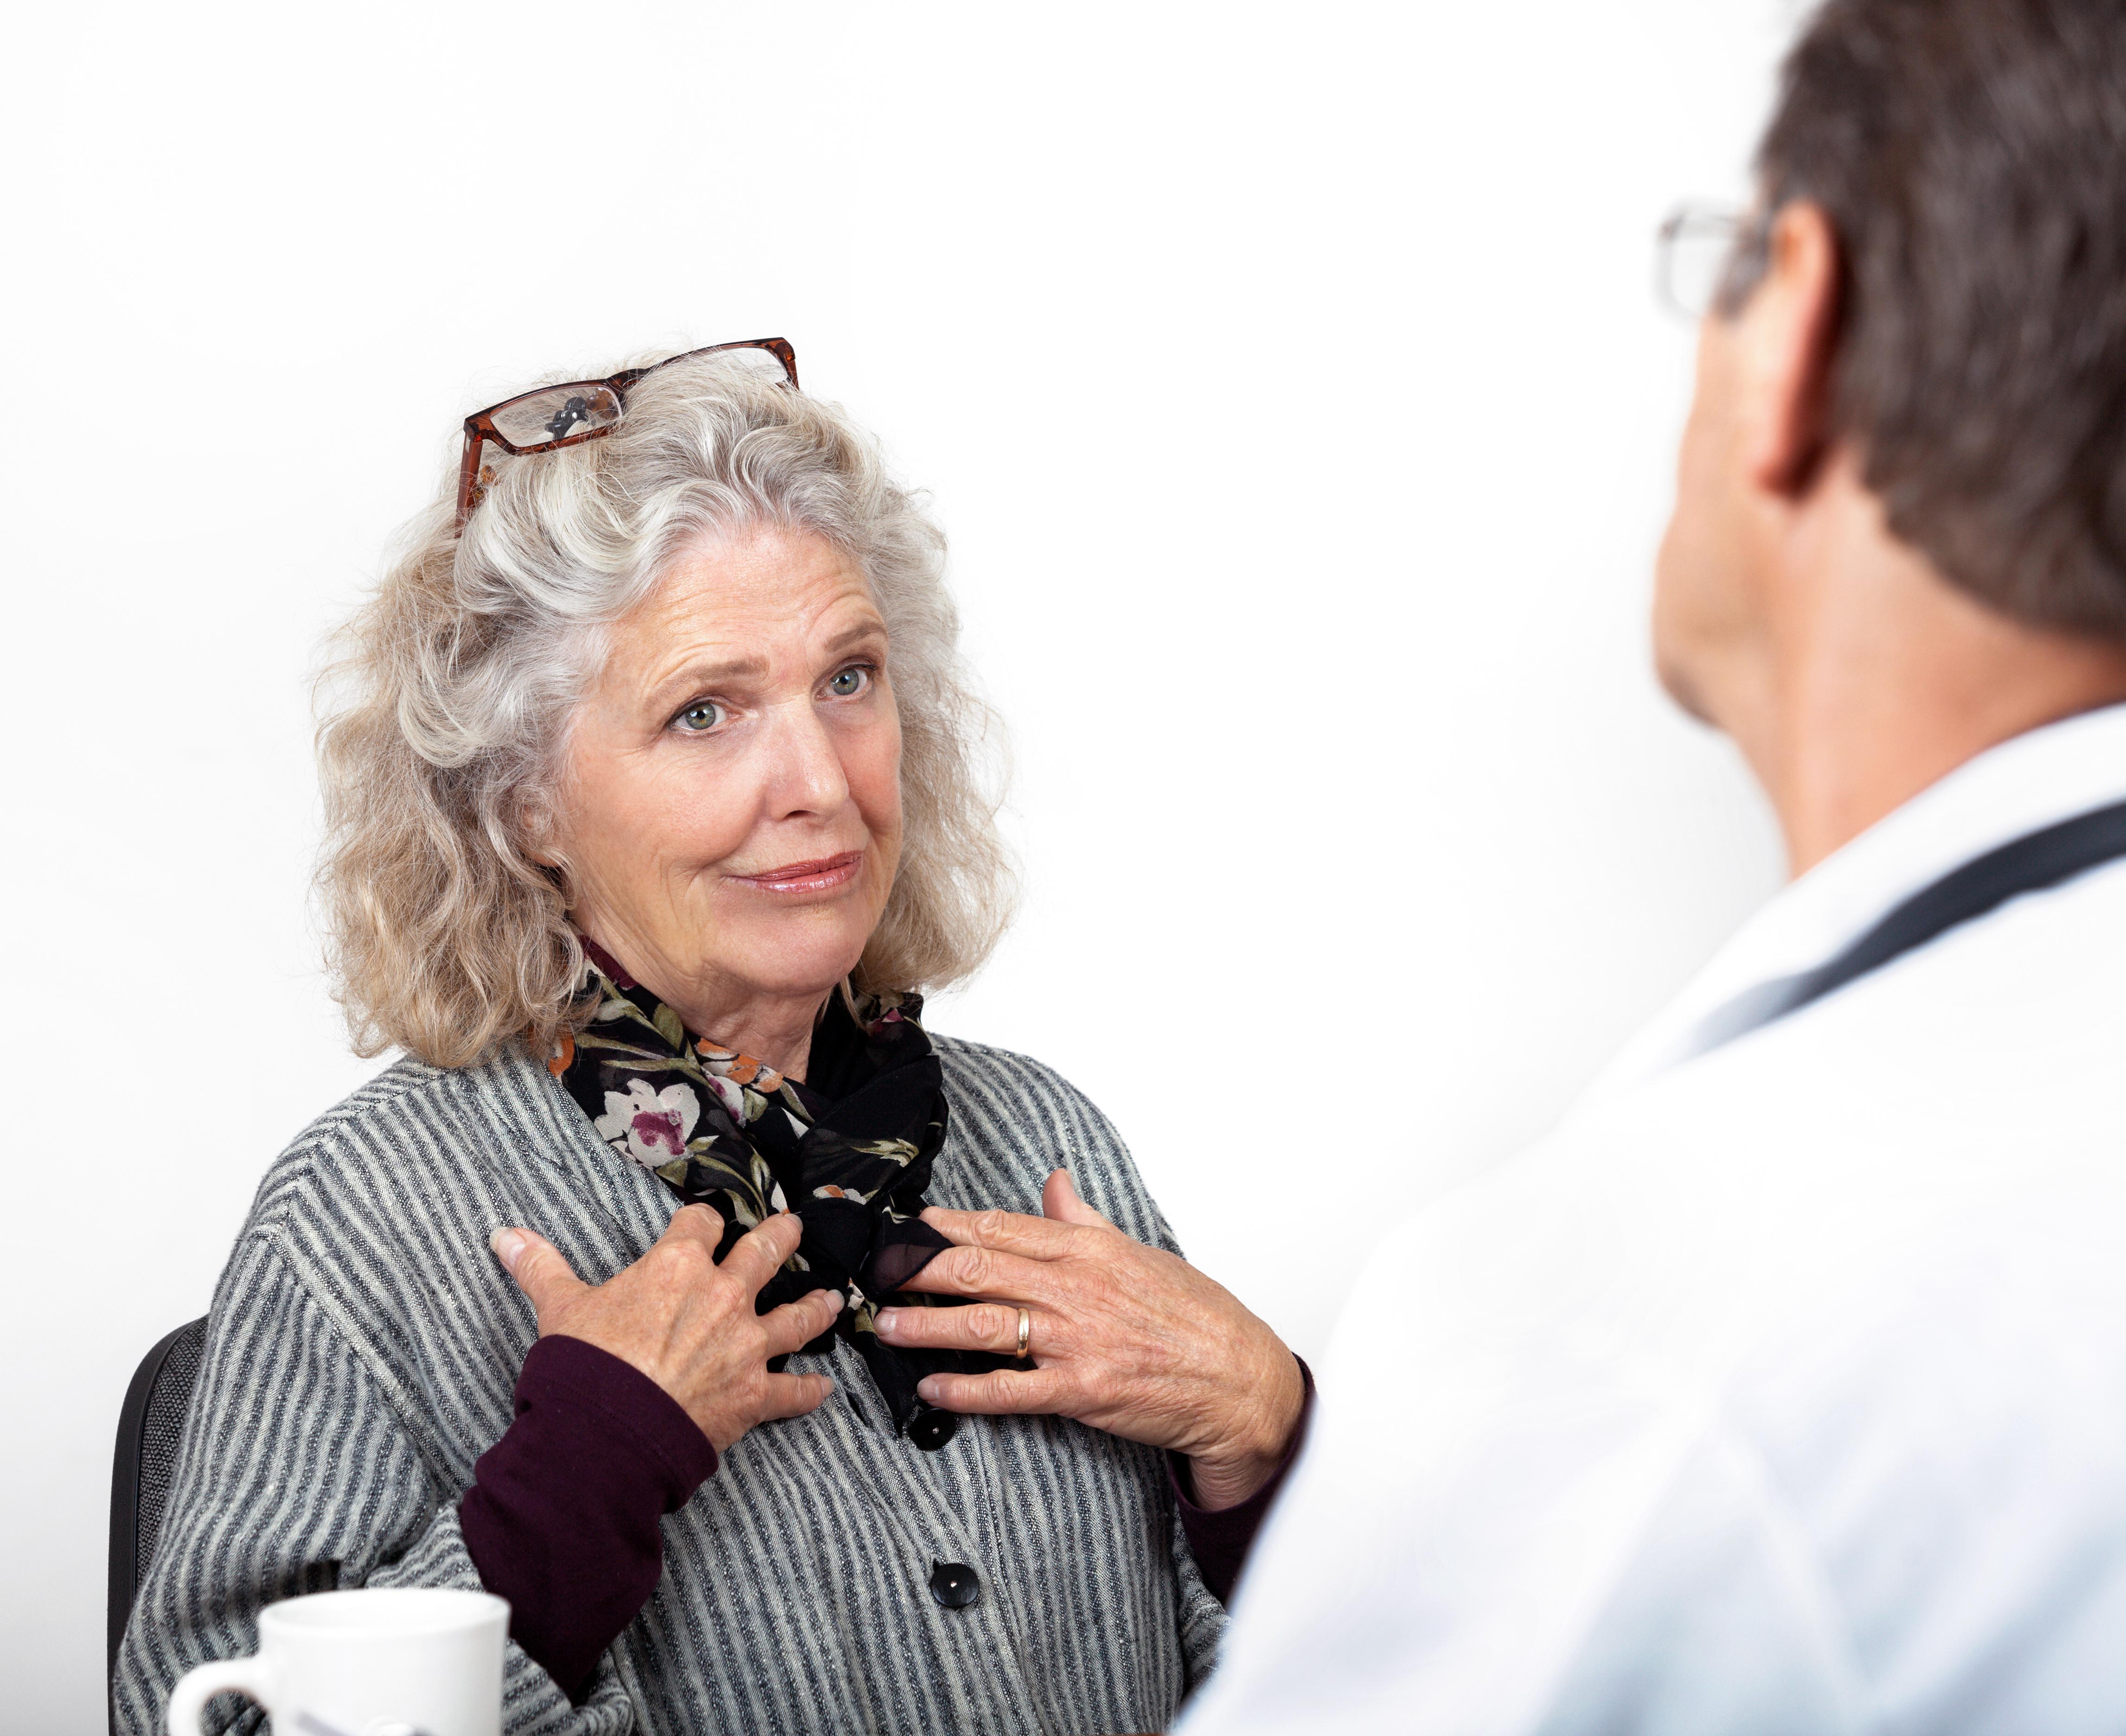 I länder med screening har cancerincidens och dödlighet minskat avsevärt.